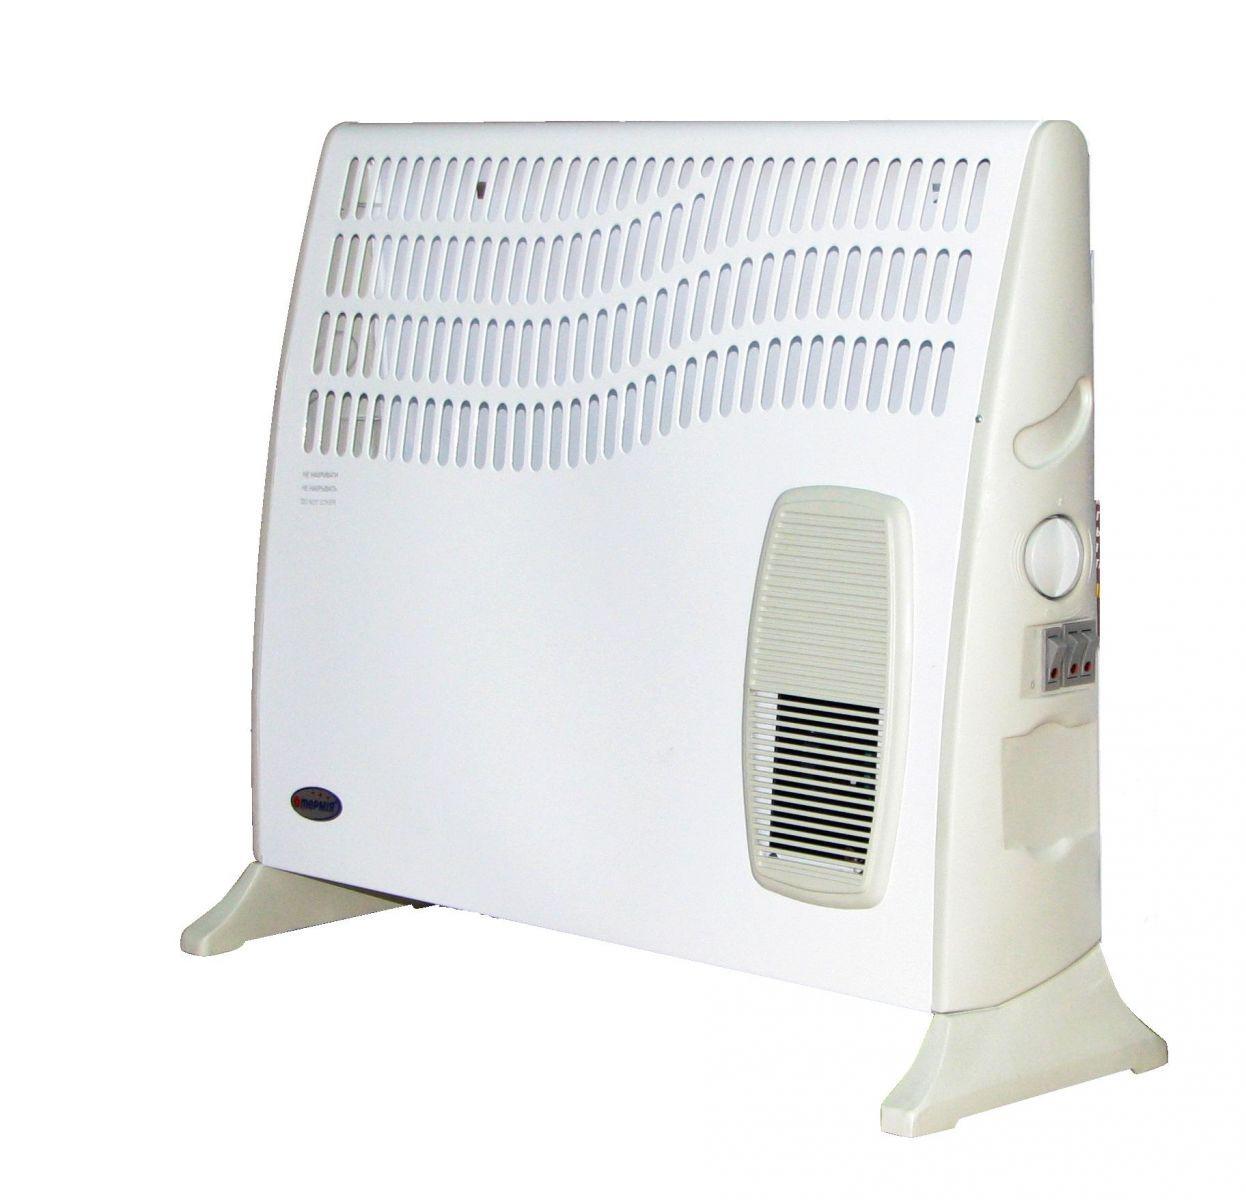 Конвектор отопления электрический Термия (Термія) ЭВУА-2,0/230 (сп) настенный, напольный